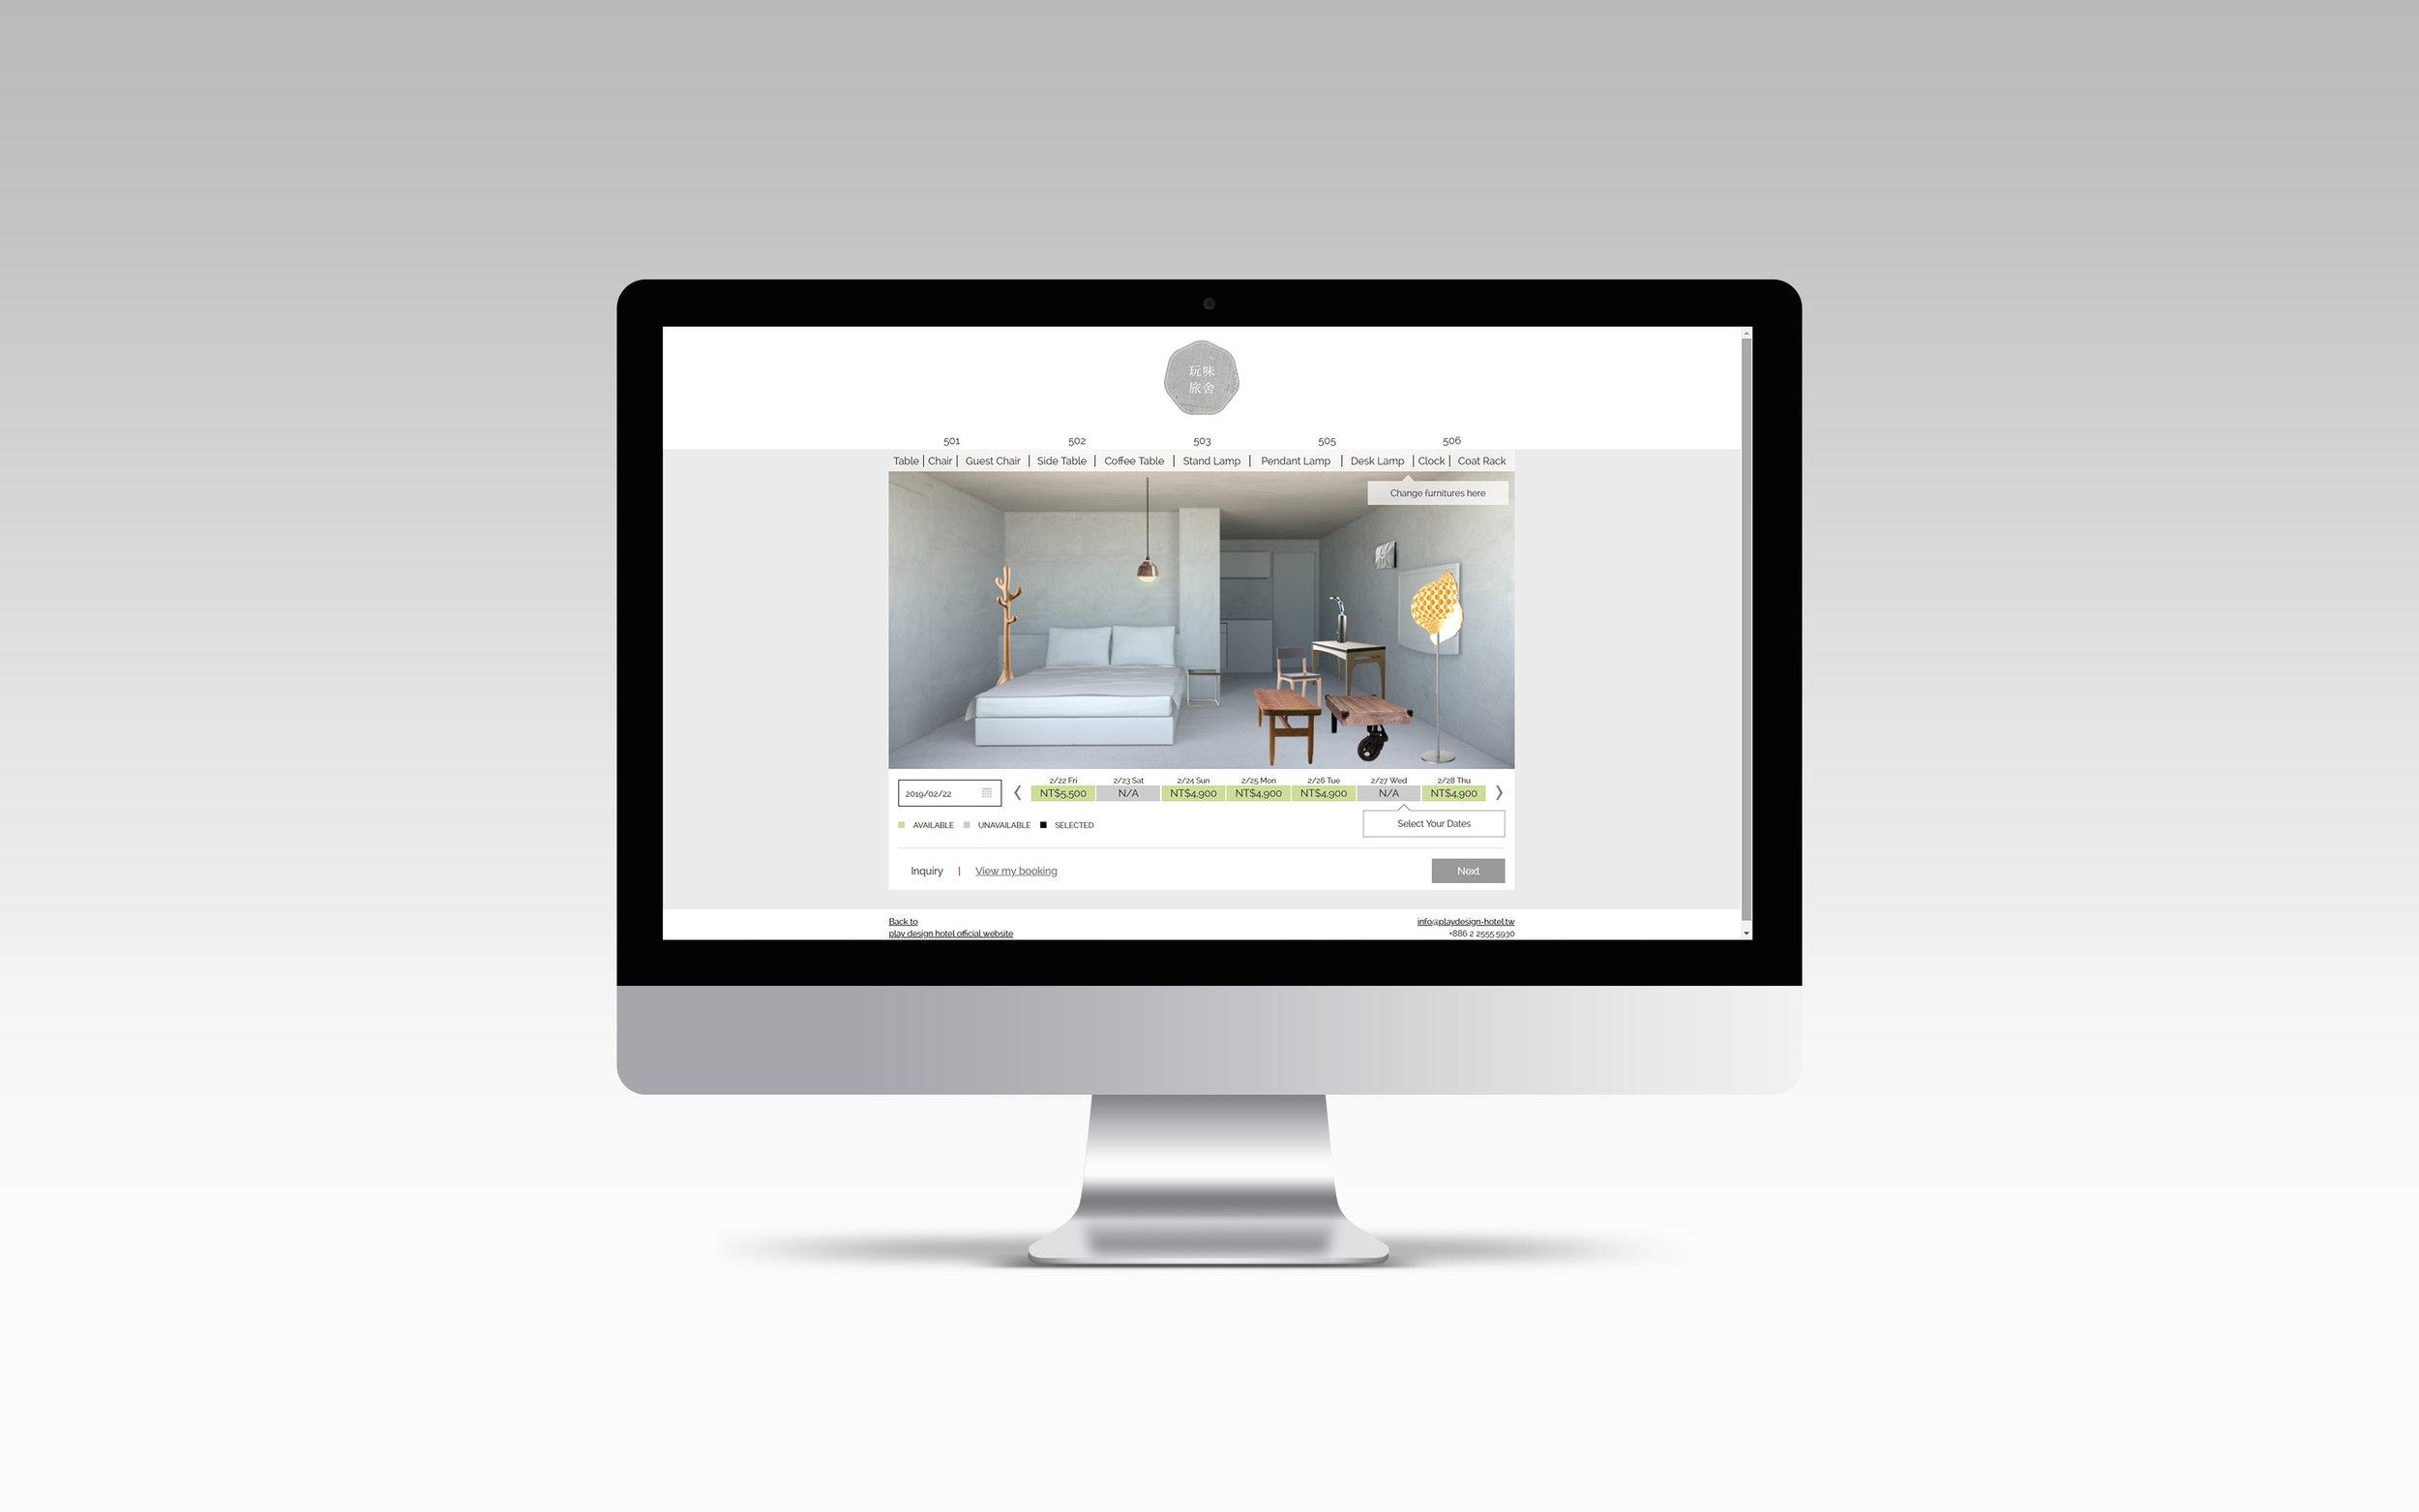 能夠自選房間內家具及家飾品的訂房網站介面。